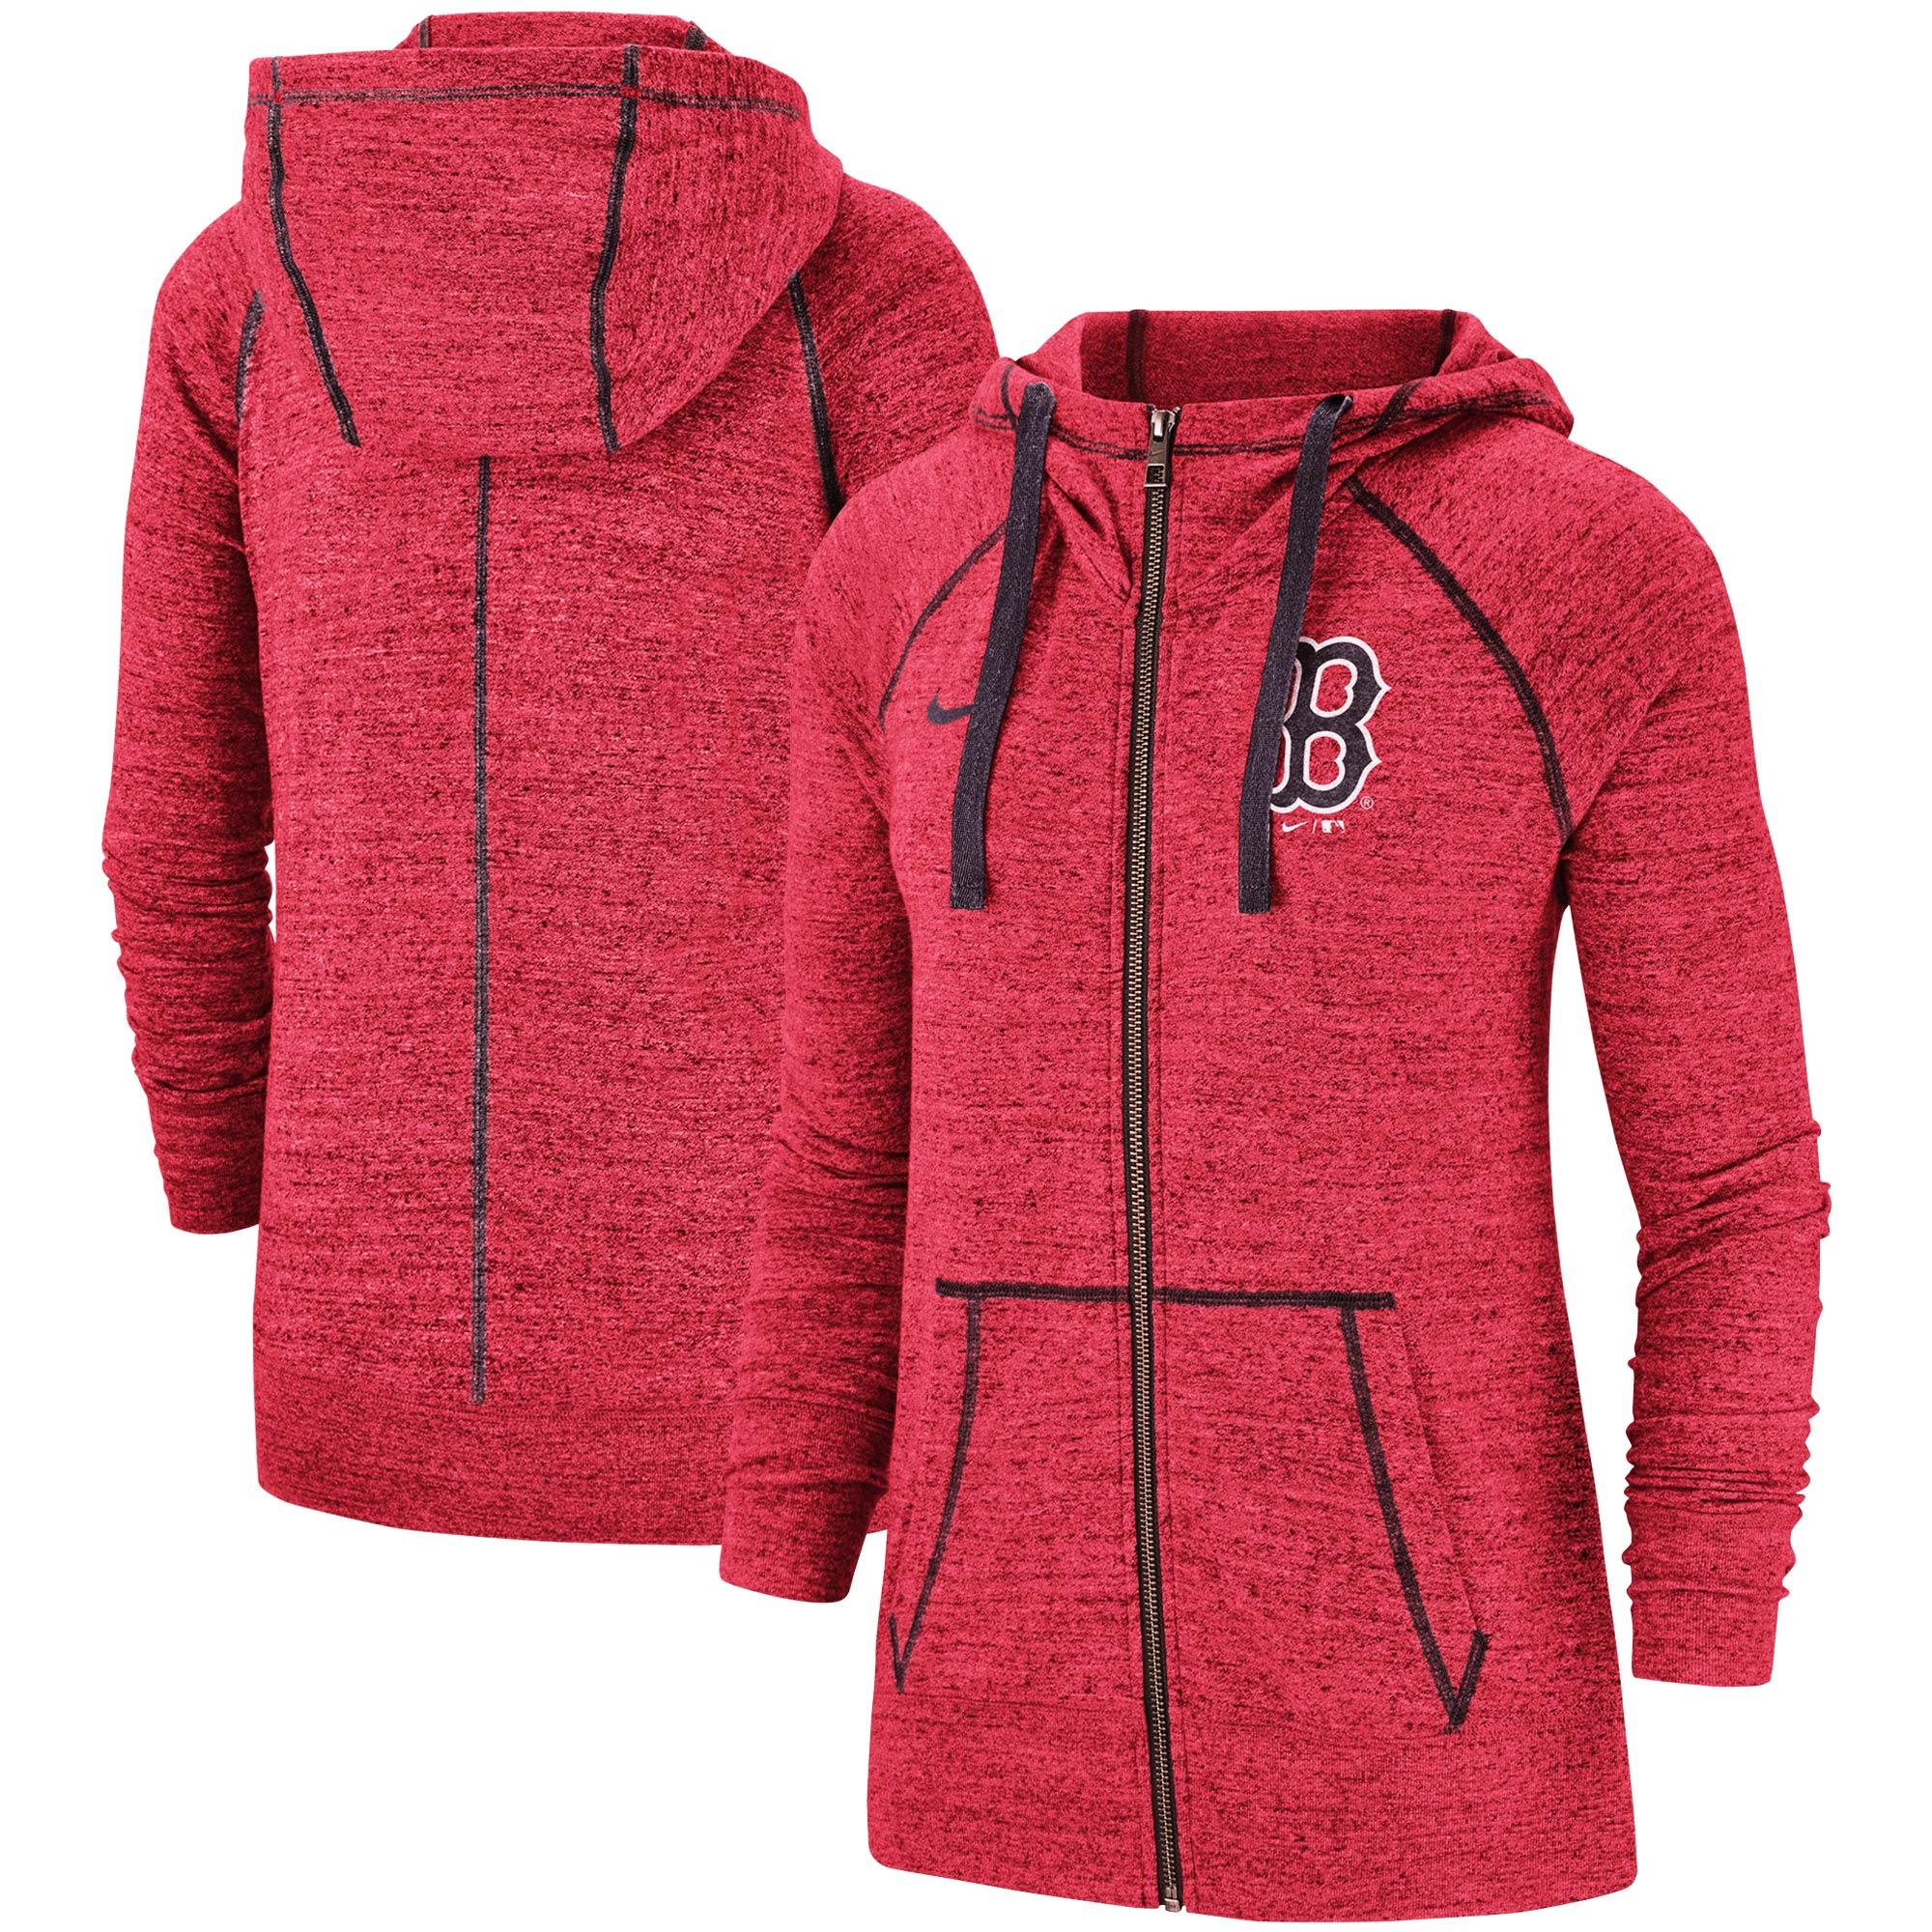 Boston Red Sox Nike Women's Gym Vintage Team Full-Zip Hoodie - Heathered Red